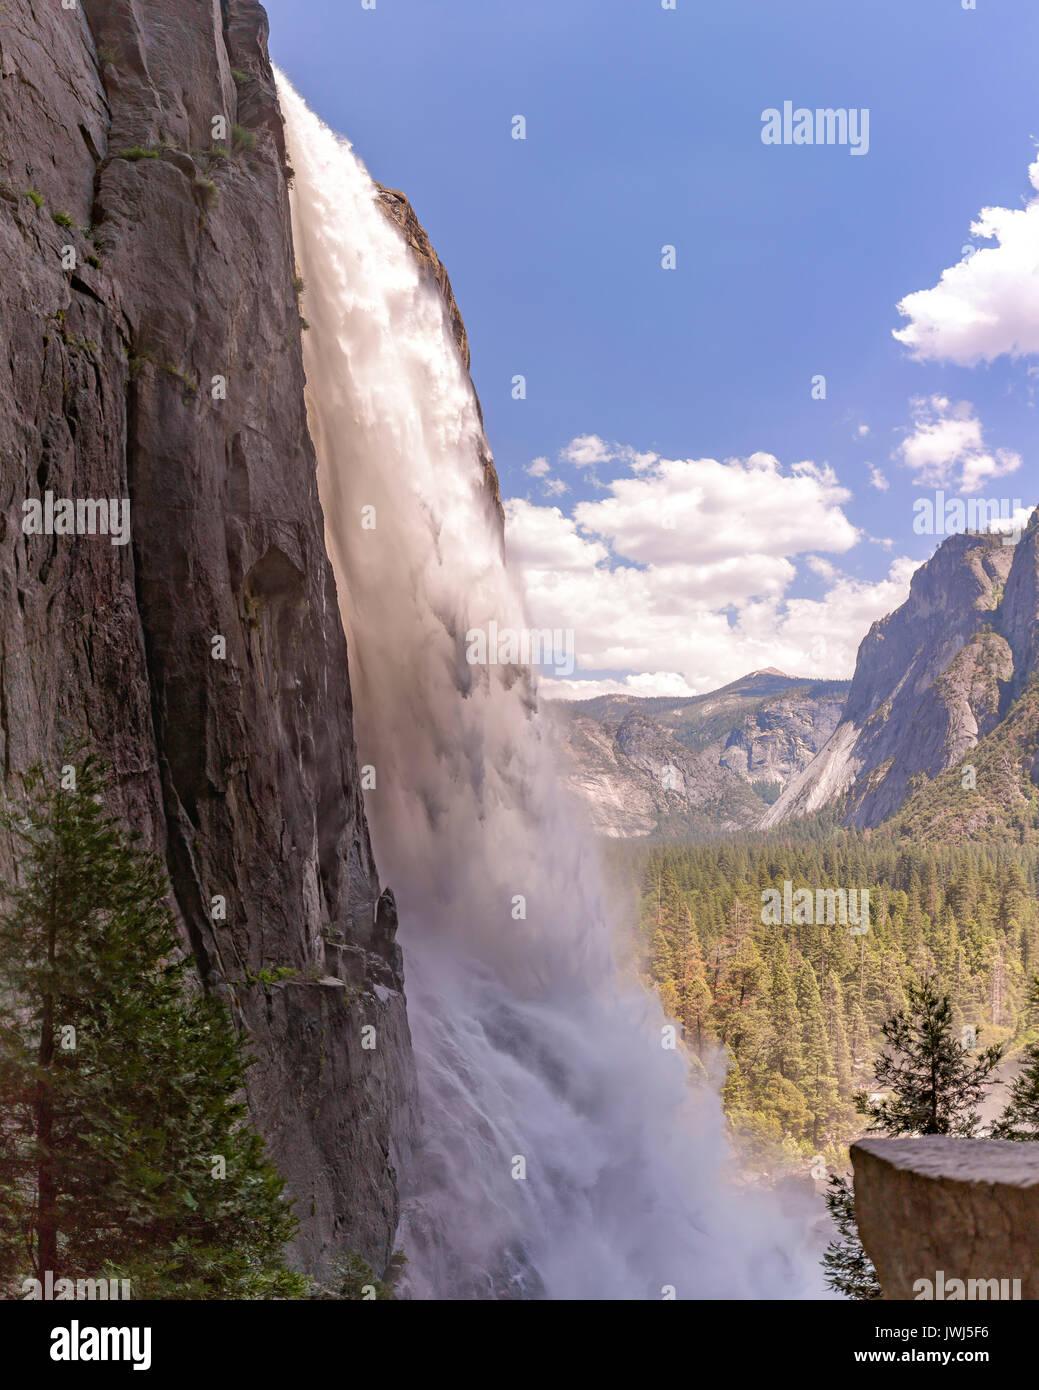 Yosemite Falls de près et tourné d'un angle unique dans une zone humide. Lower Falls à Yosemite avec vue sur la vallée à l'arrière-plan Photo Stock